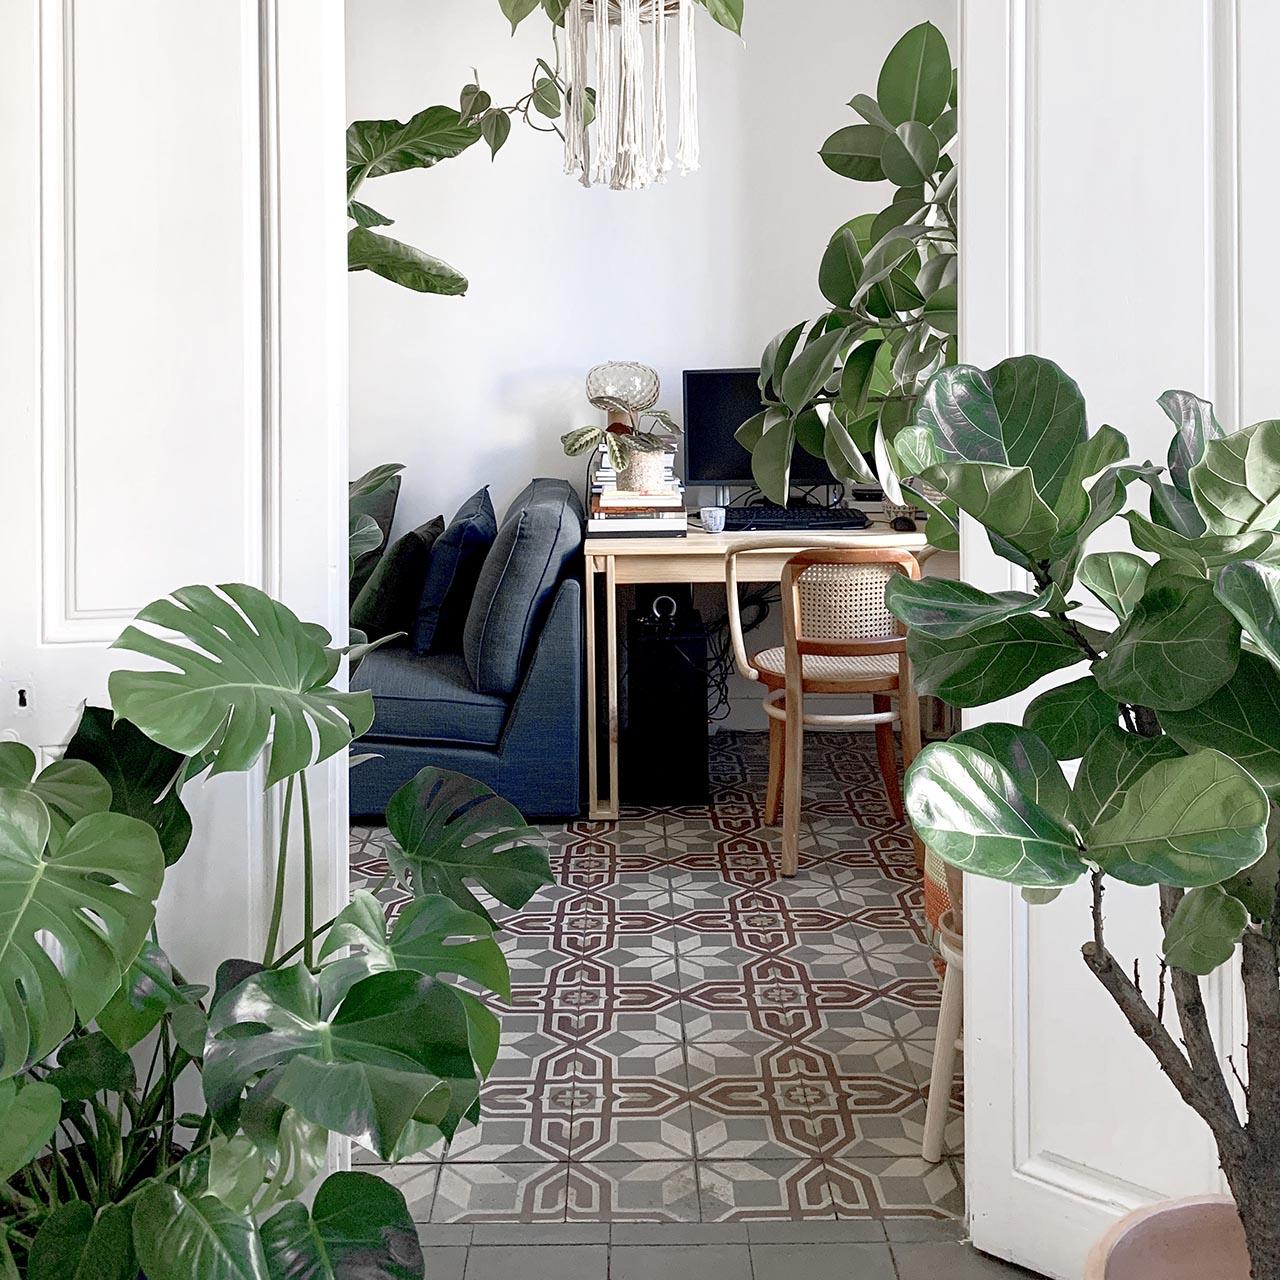 ¿No sabes cómo superar el síndrome postvacacional? ¡Pon muebles nuevos en la oficina!